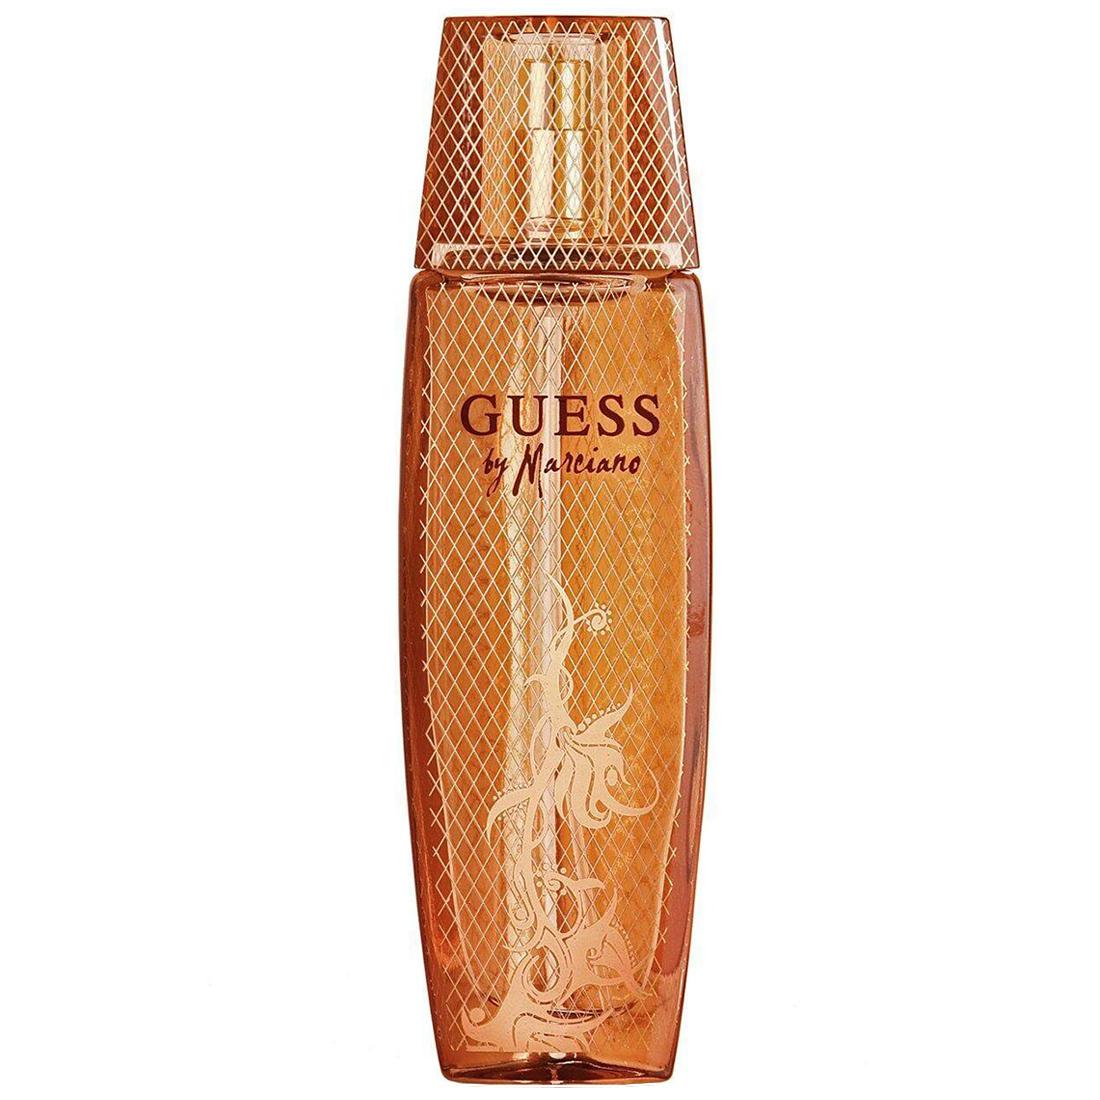 Eau de Parfum Guess by Marciano for Women - GUESS